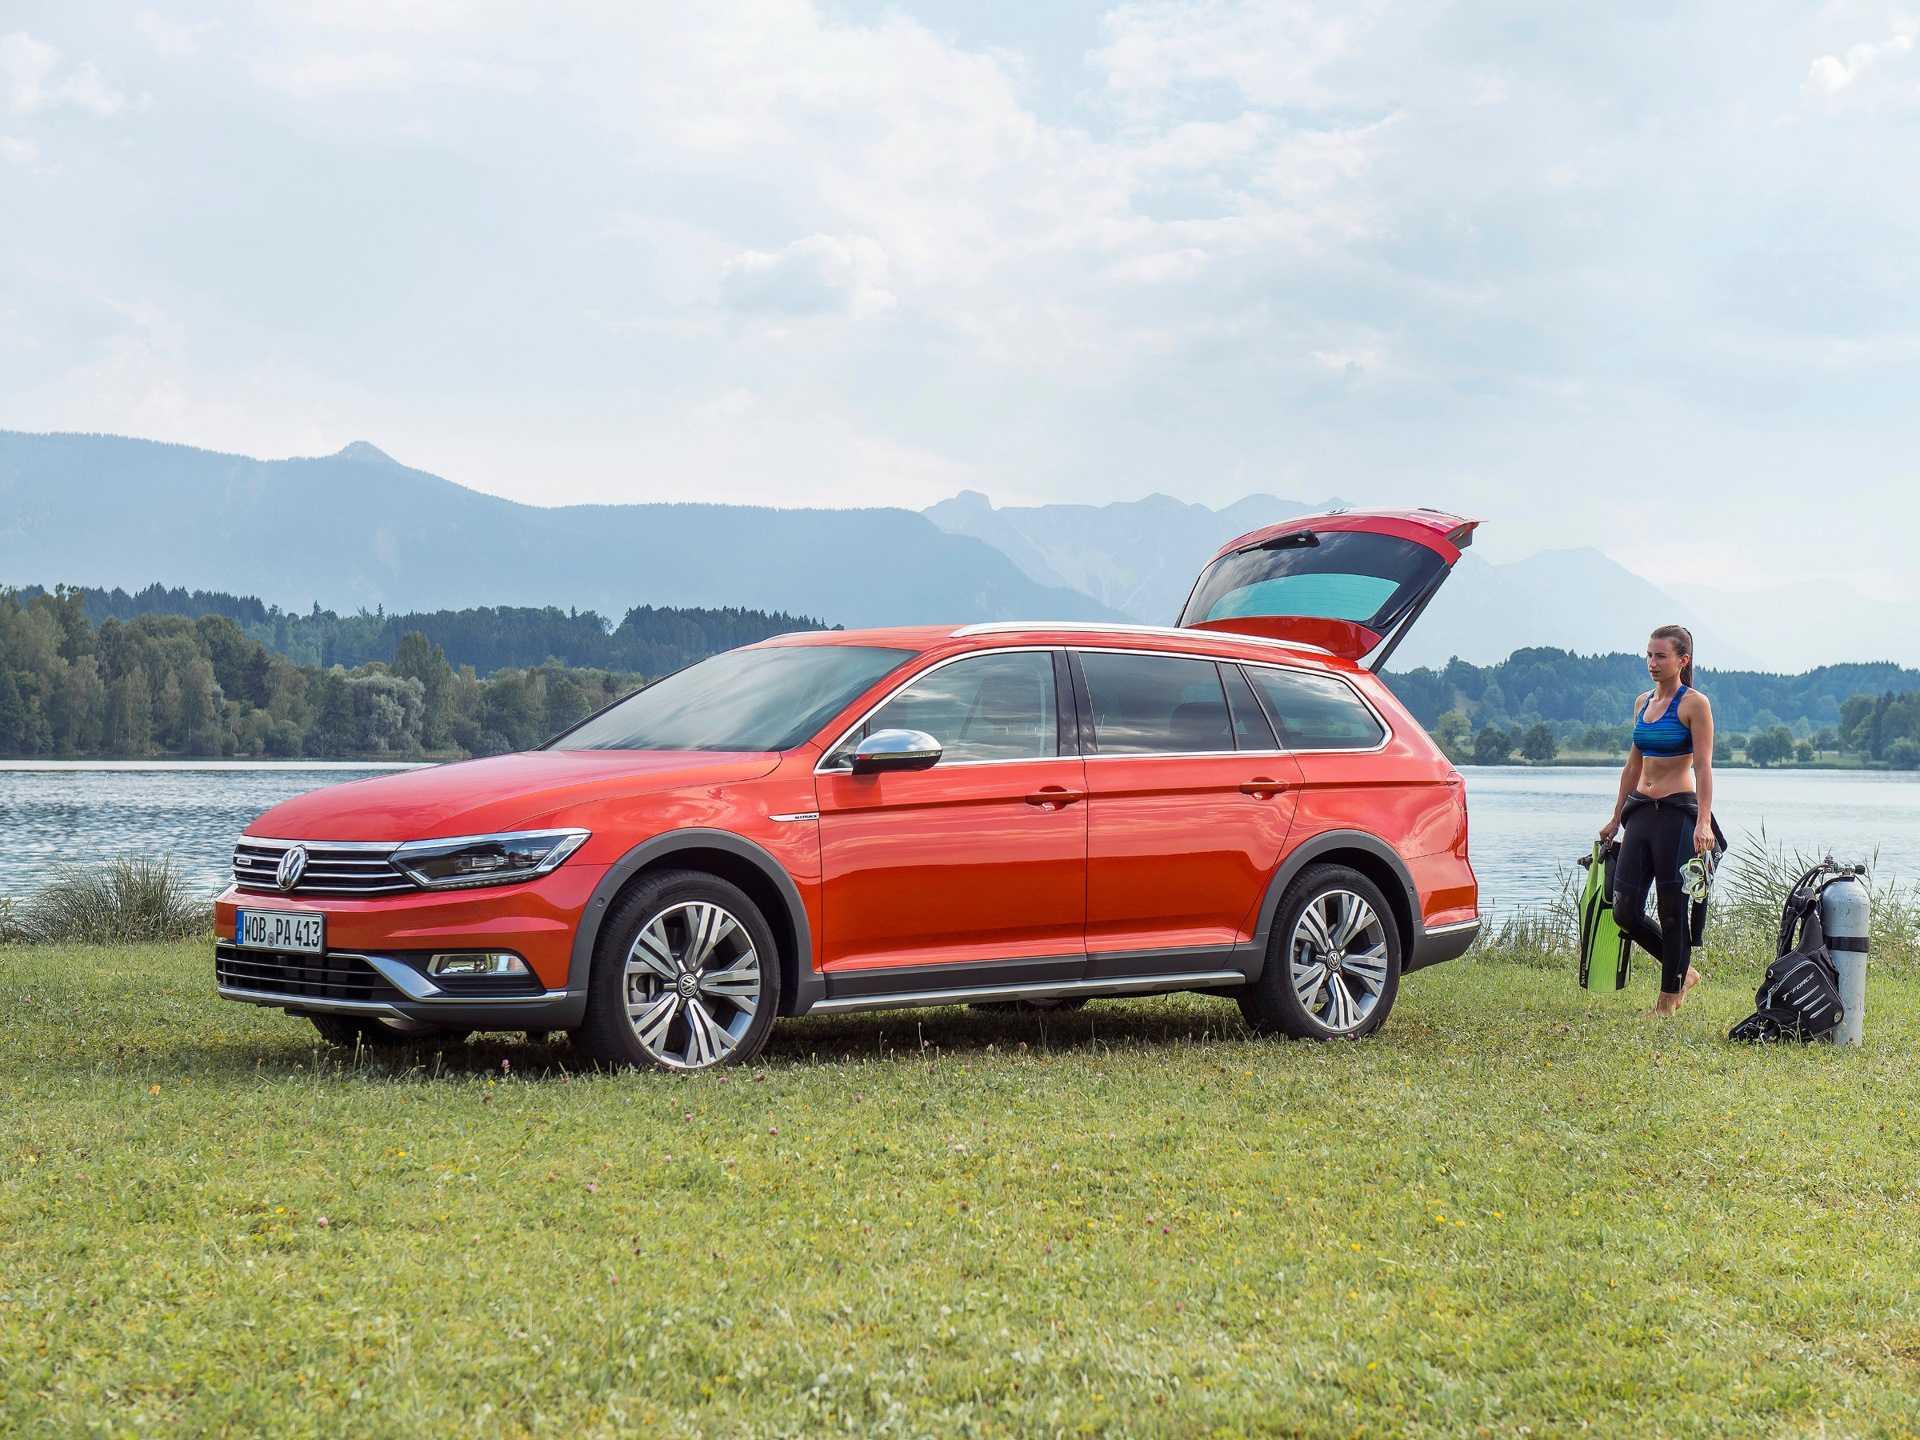 Фольксваген пассат 2018 технические характеристики. volkswagen passat 2018 комплектации и цены фото.